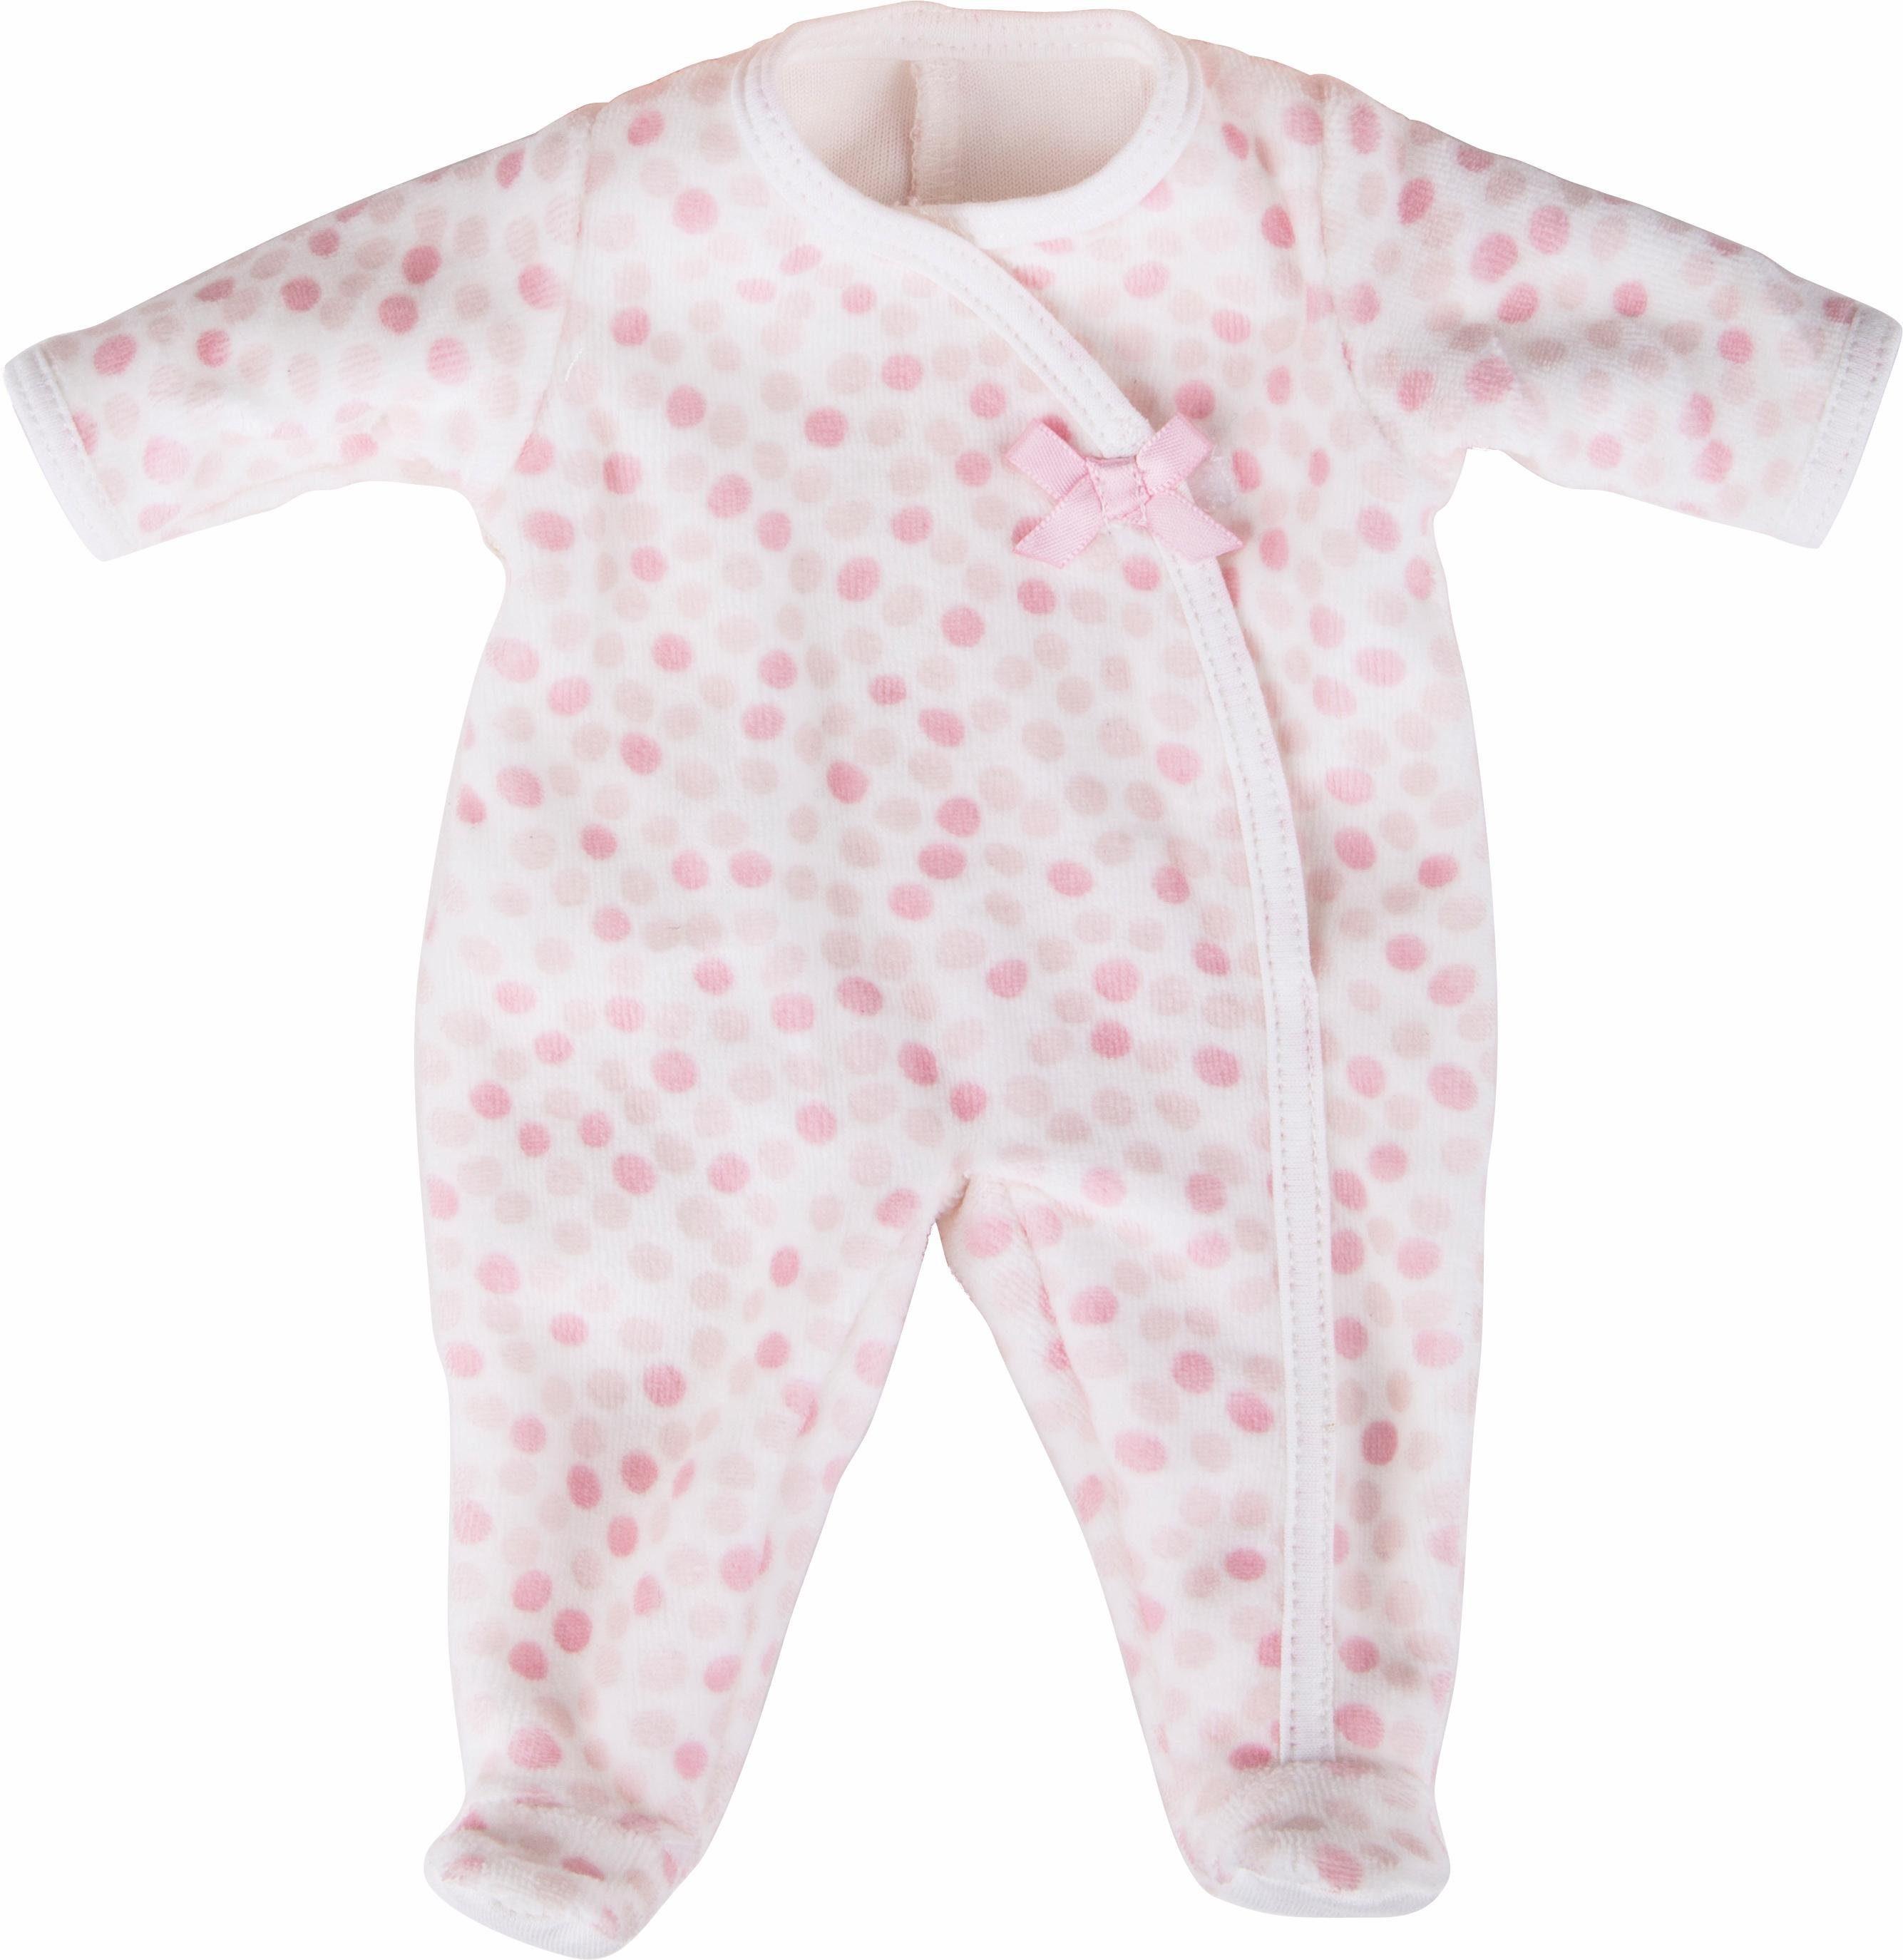 Käthe Kruse Puppenbekleidung, Größe ca. 30-33 cm, »Schlafanzug Tupfen rosa«